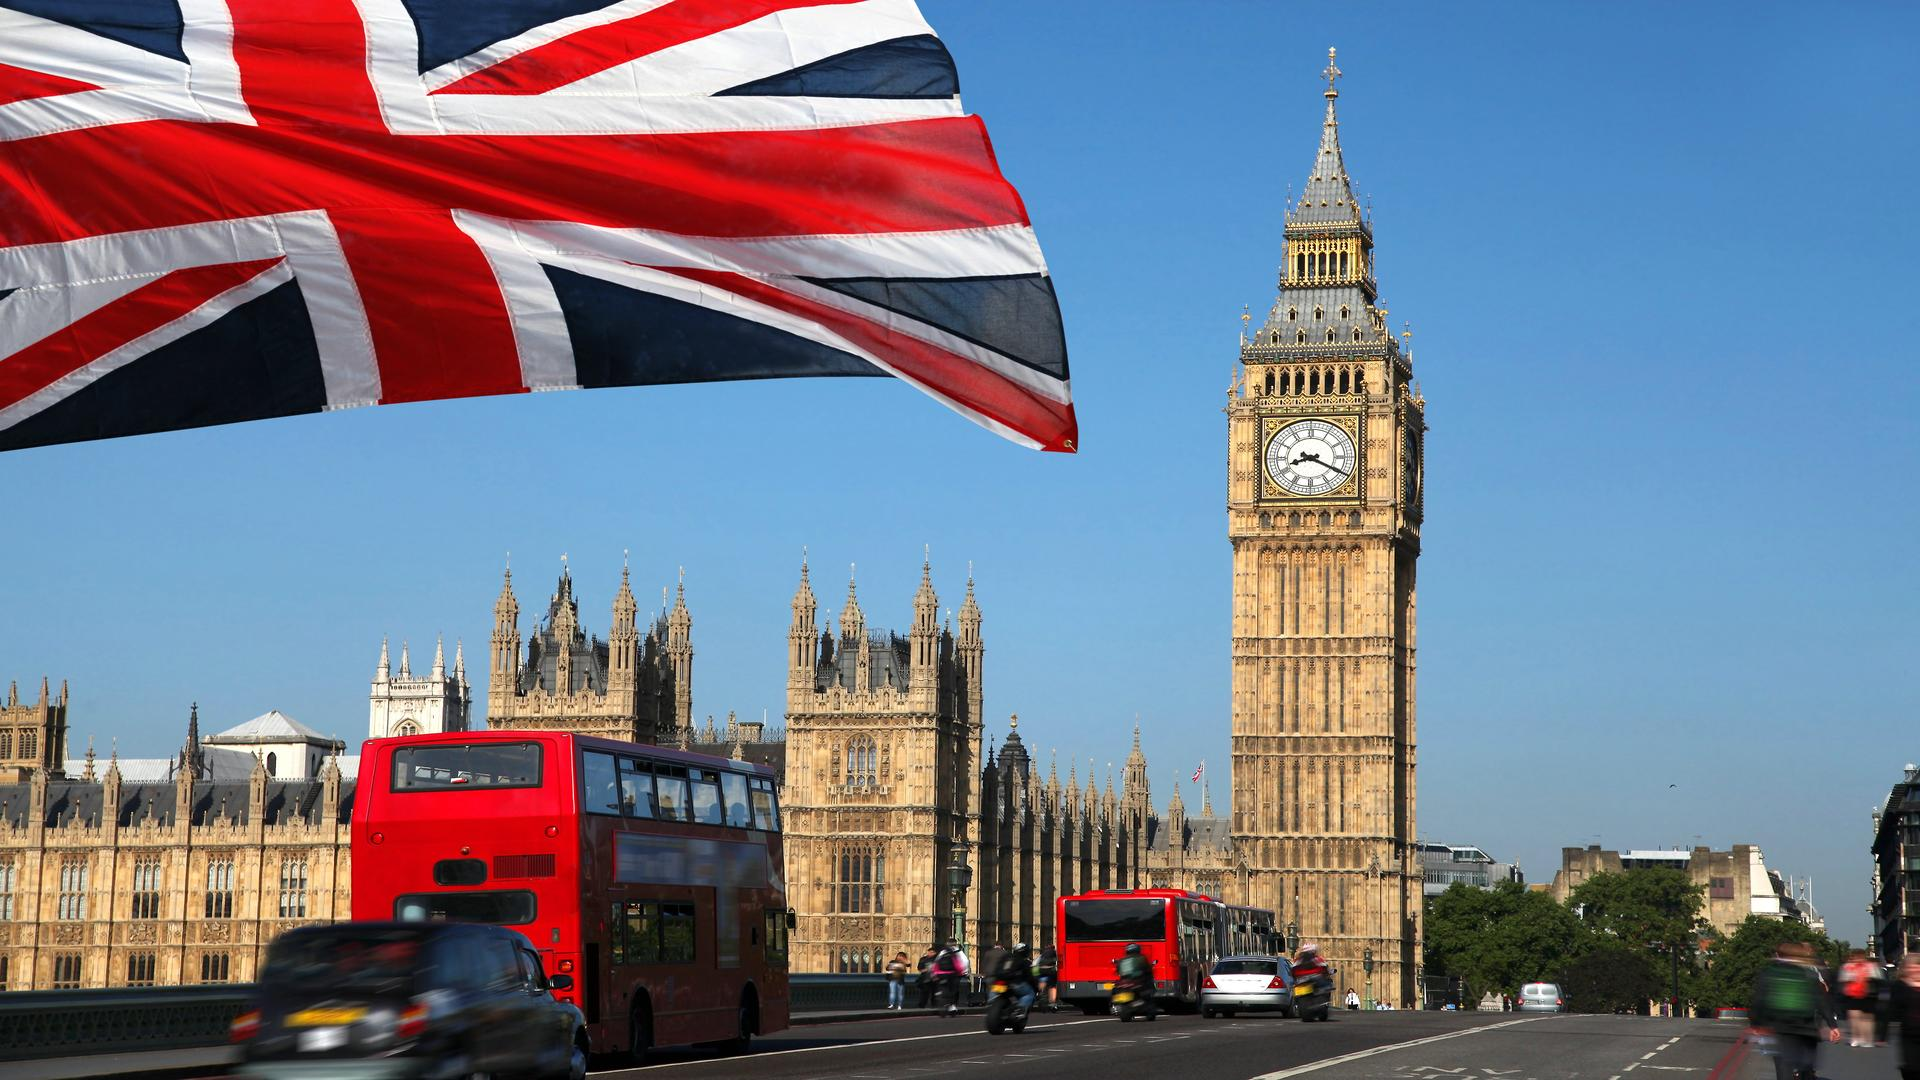 Казахстан планирует подписать соглашение о стратегическом партнерстве с Великобританией